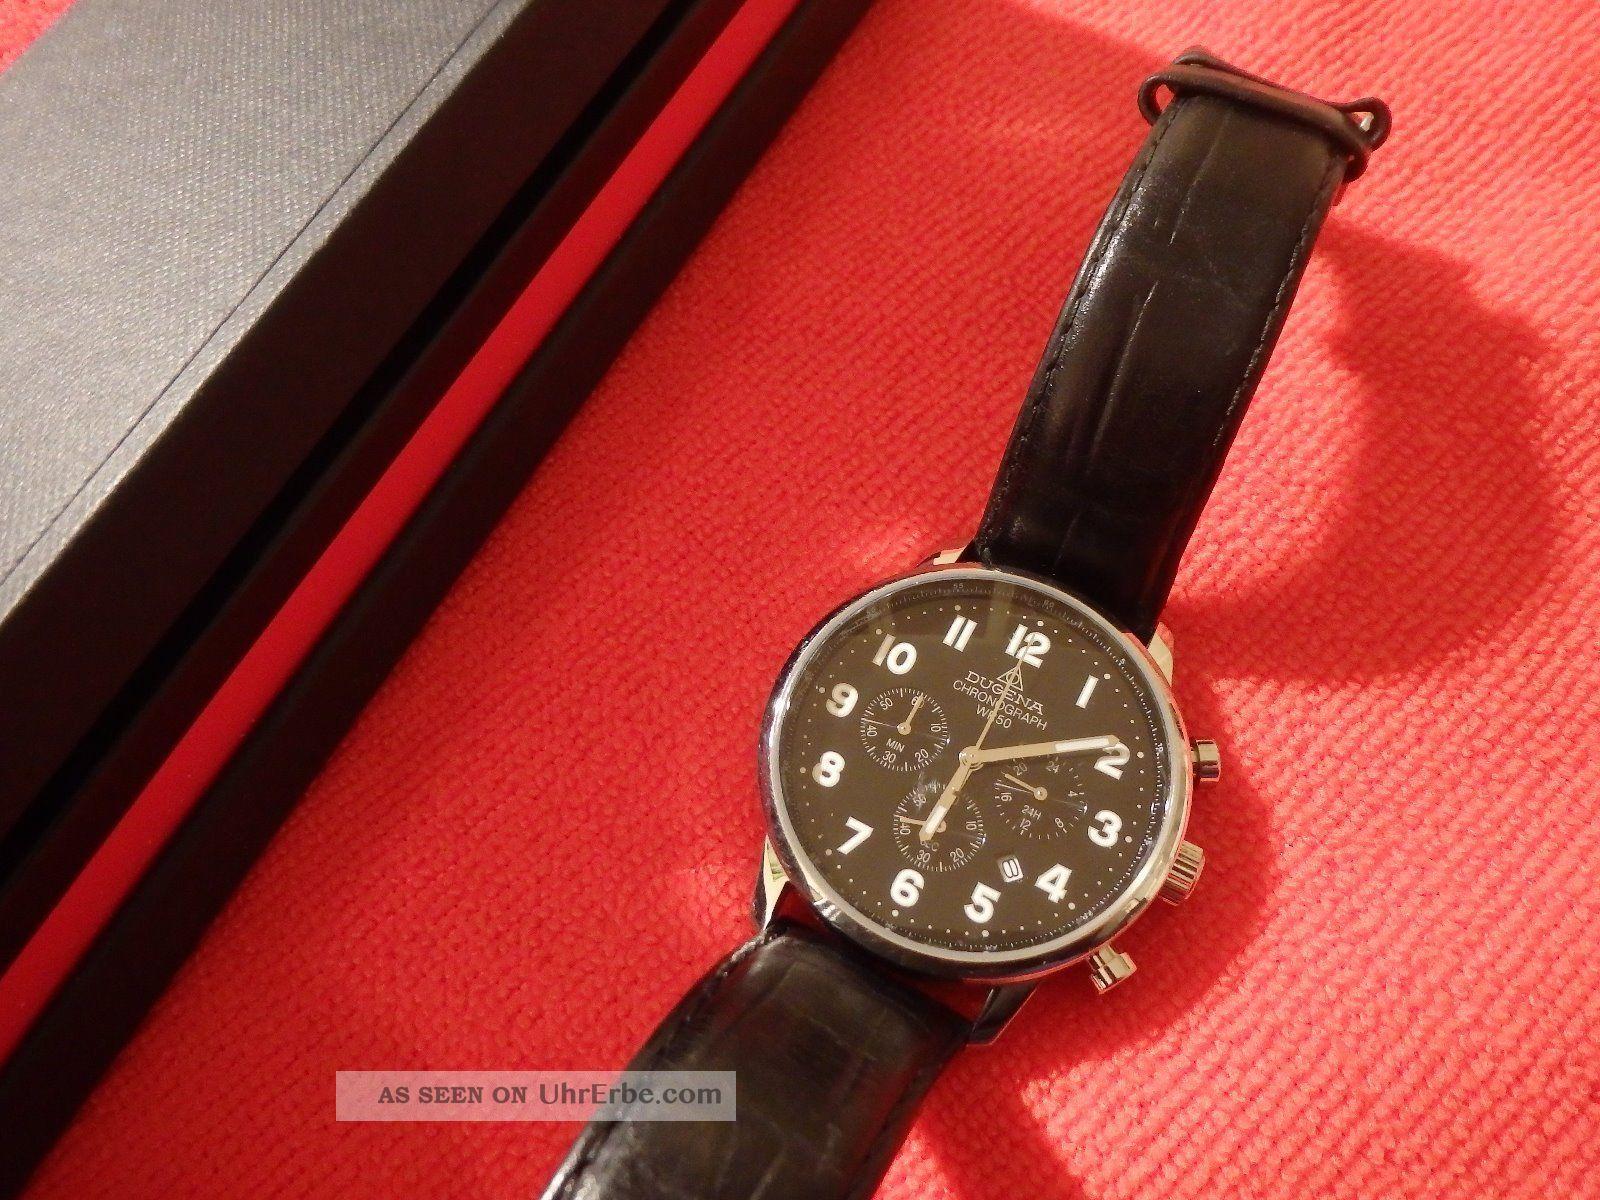 Dugena Chronograph - 2114040 1907 Os20 49891 - Schwarzes Zifferblatt Armbanduhren Bild